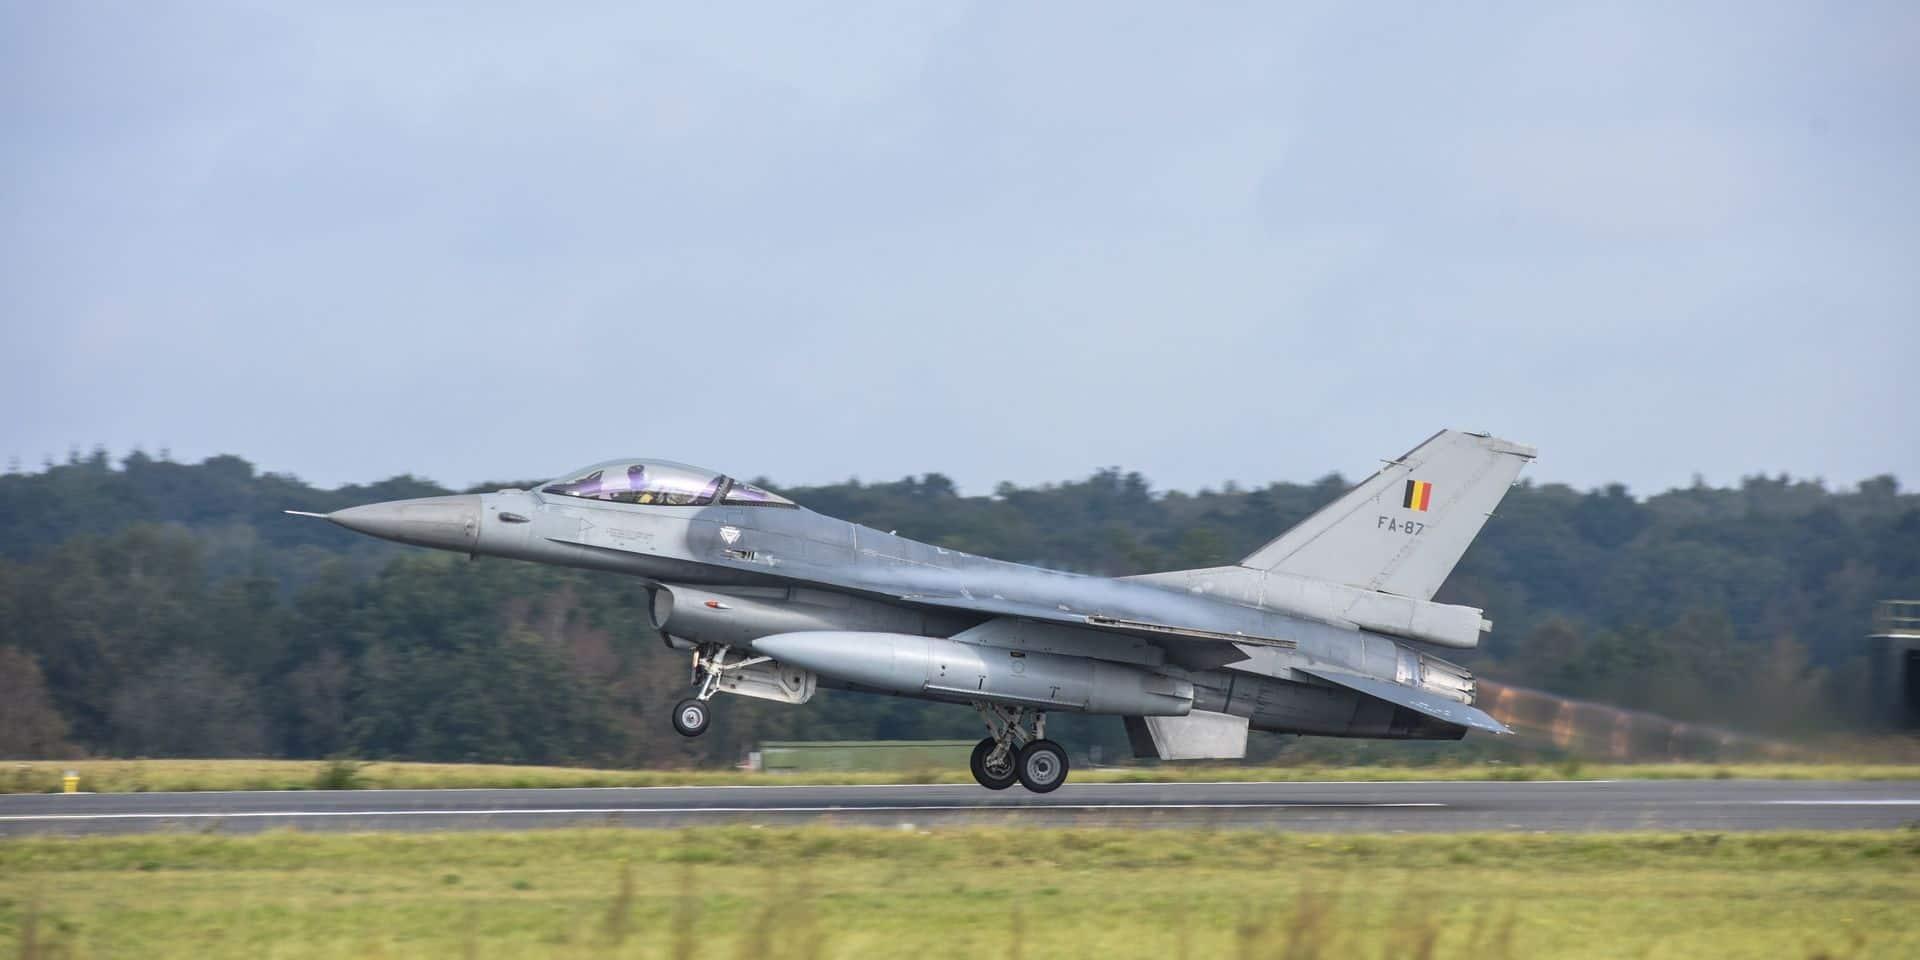 Lutte contre l'État islamique : les F-16 belges en Jordanie sont opérationnels